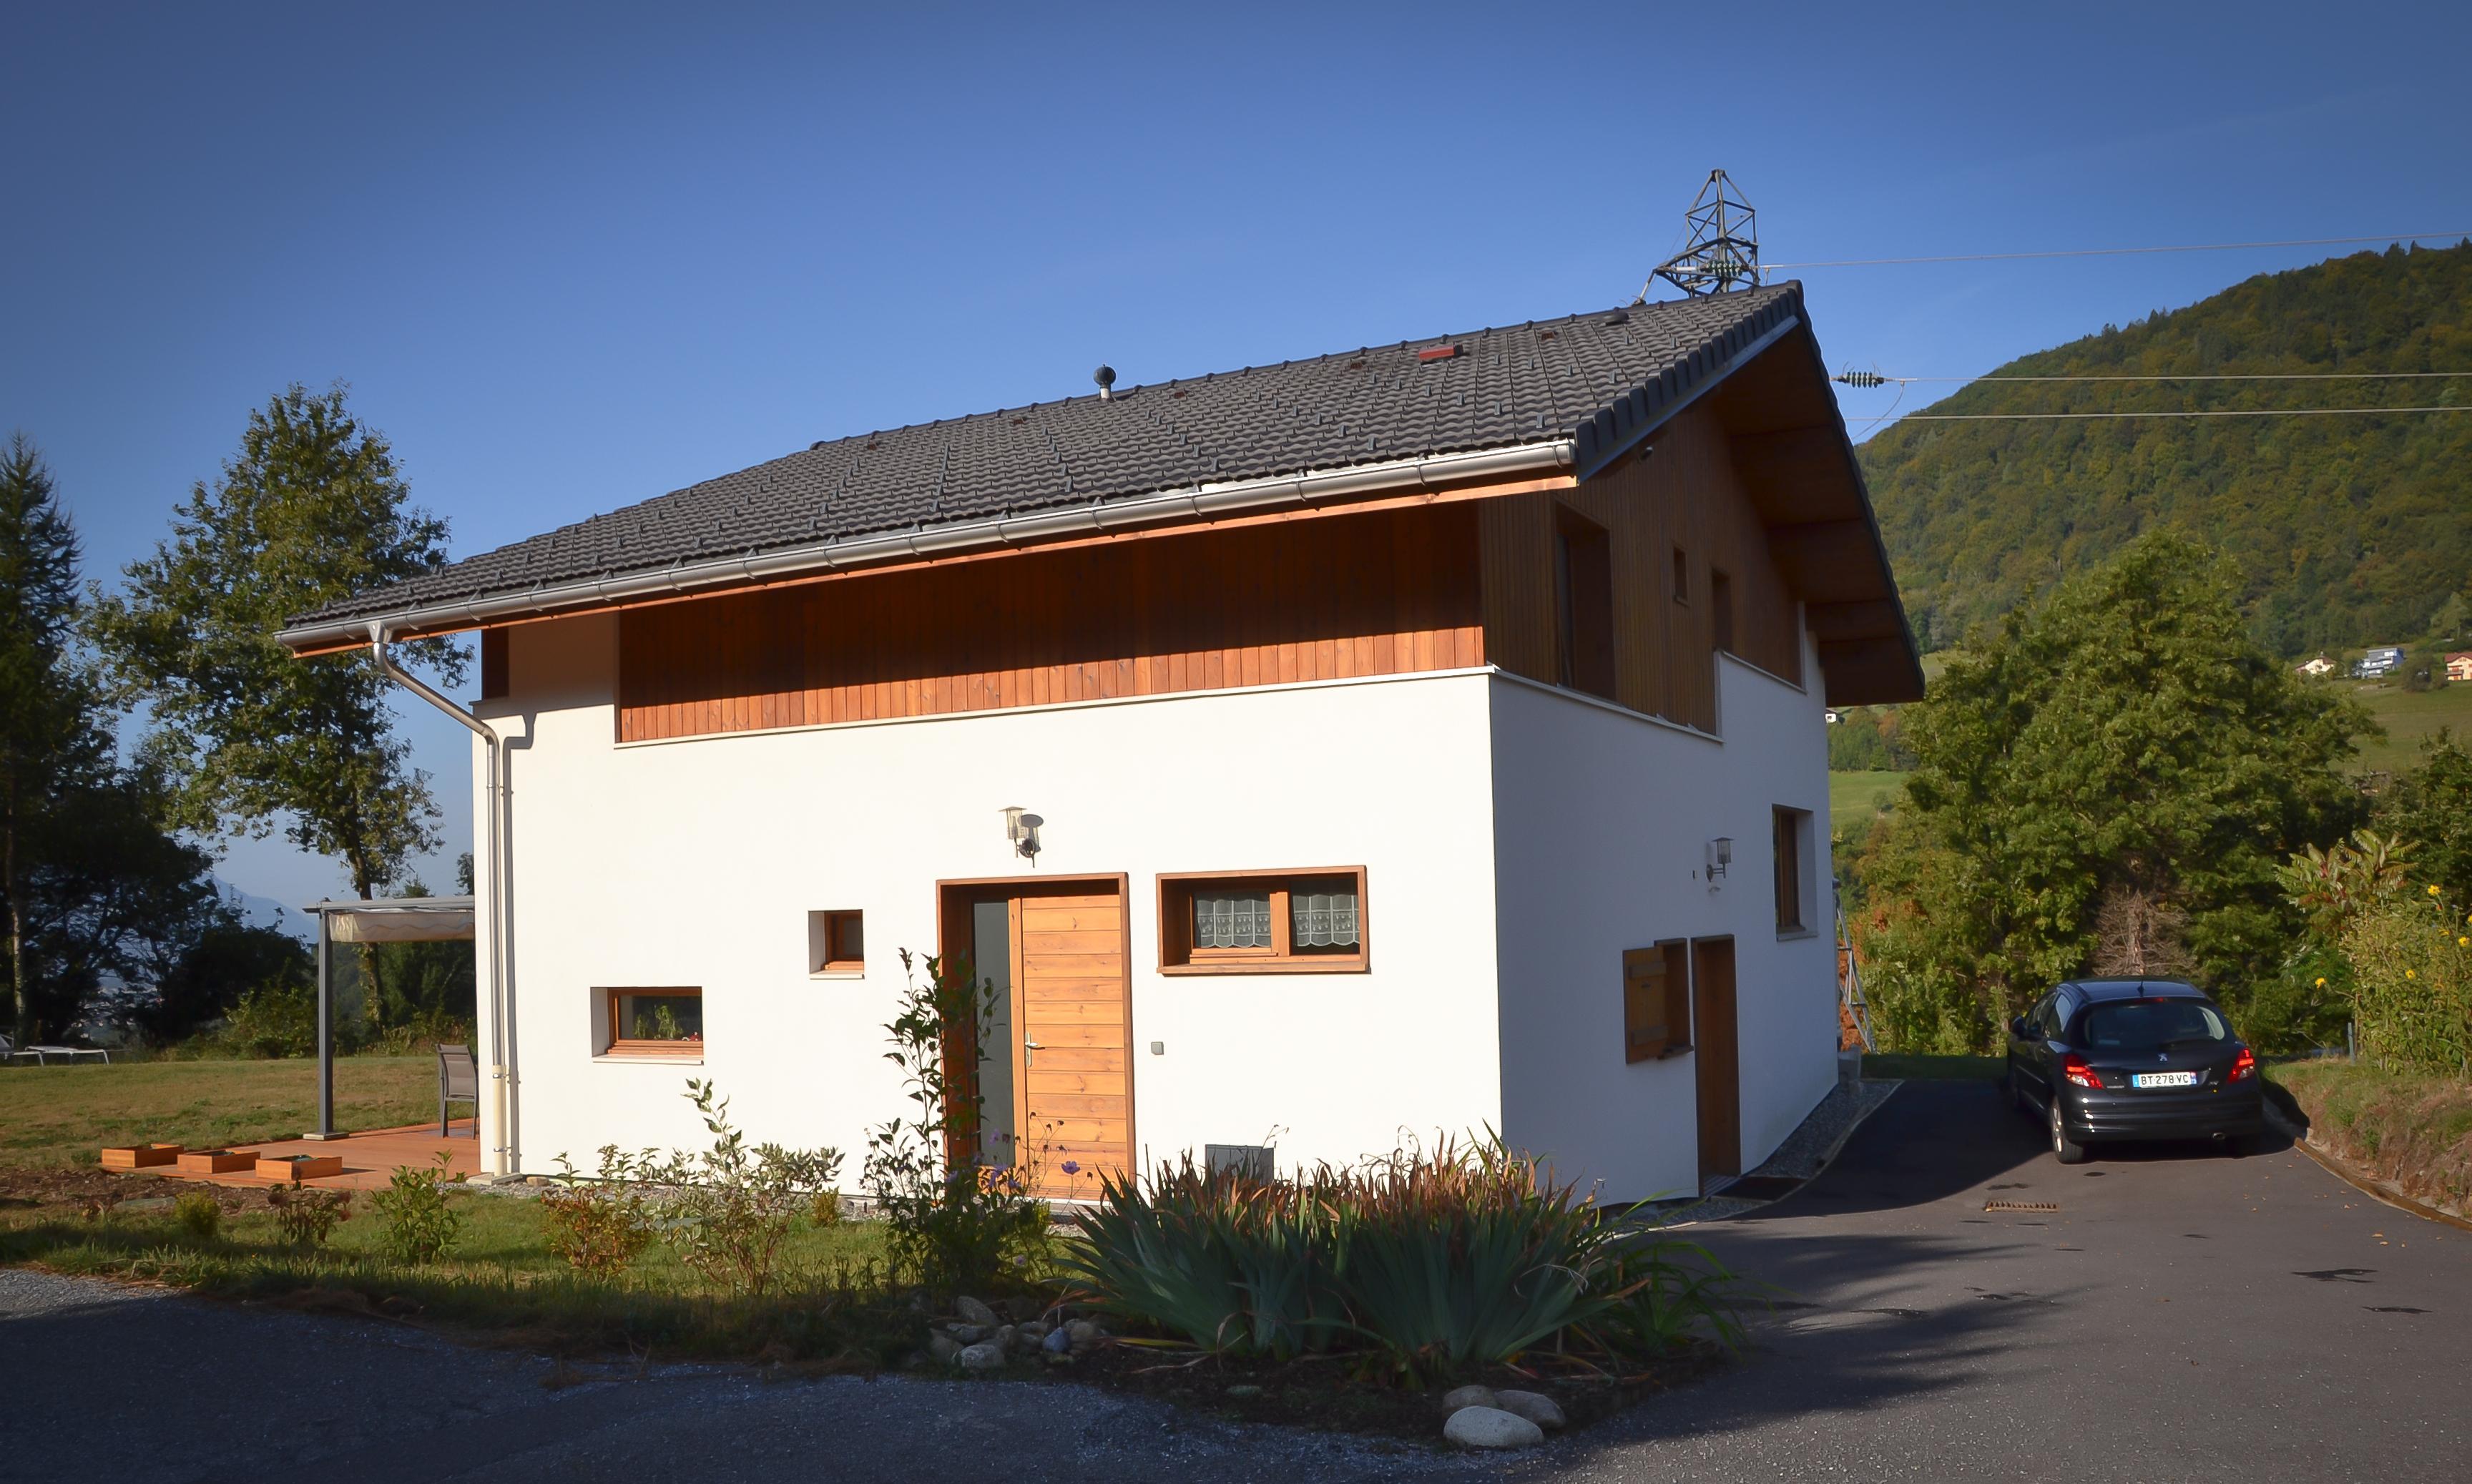 Maisons chalets aur lie rosset architecte moutiers for Architecte albertville